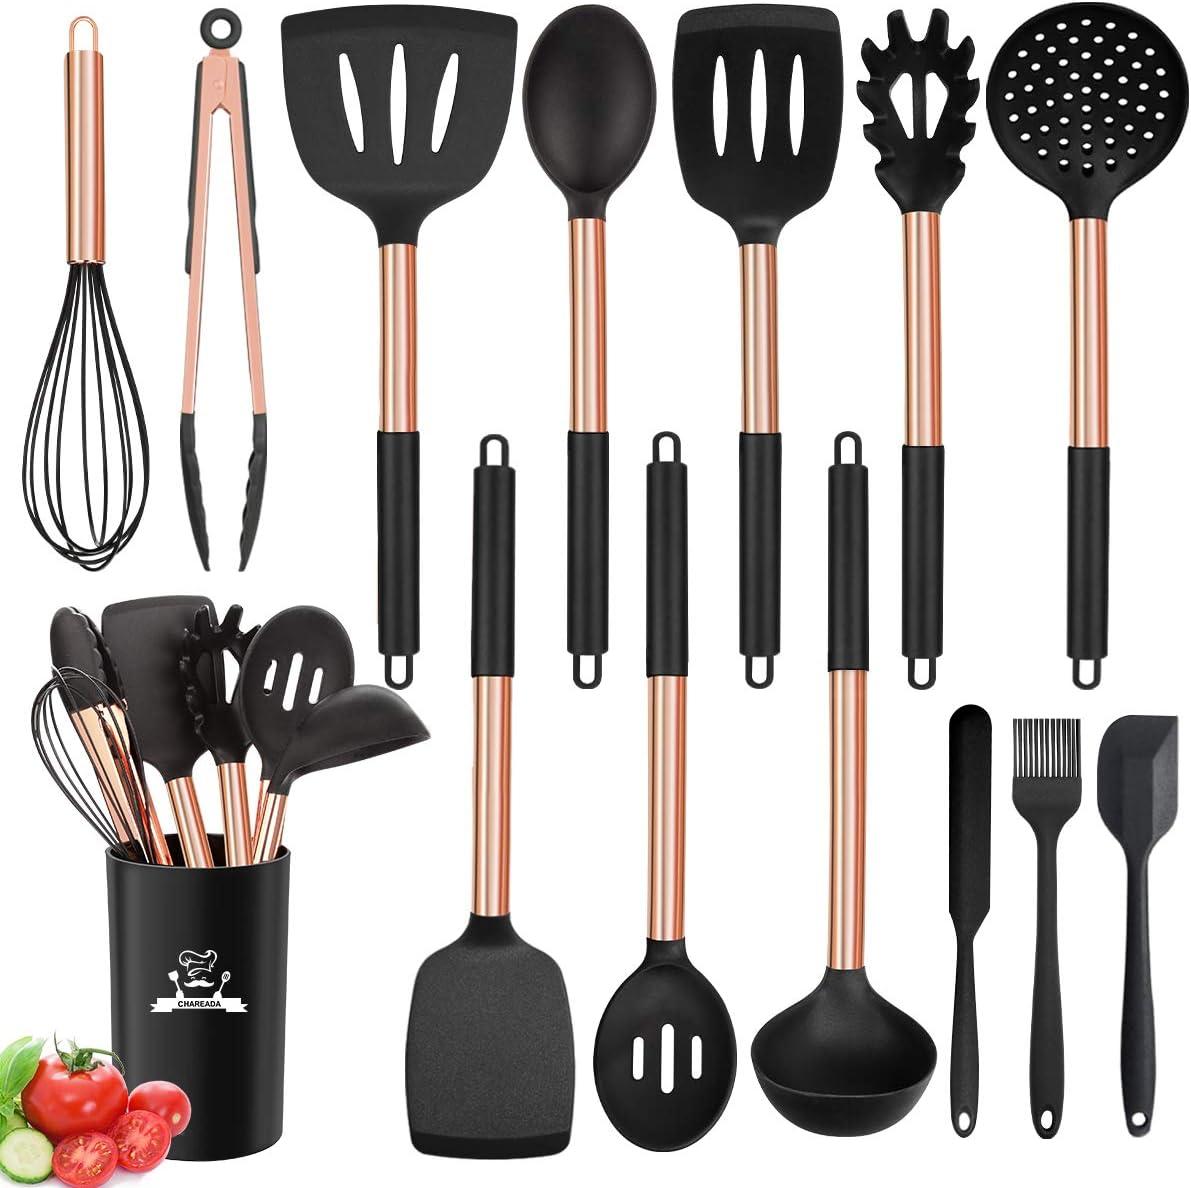 Multifunction Cooking Food ServingStainless Tongs Steel Handle Utensil PF